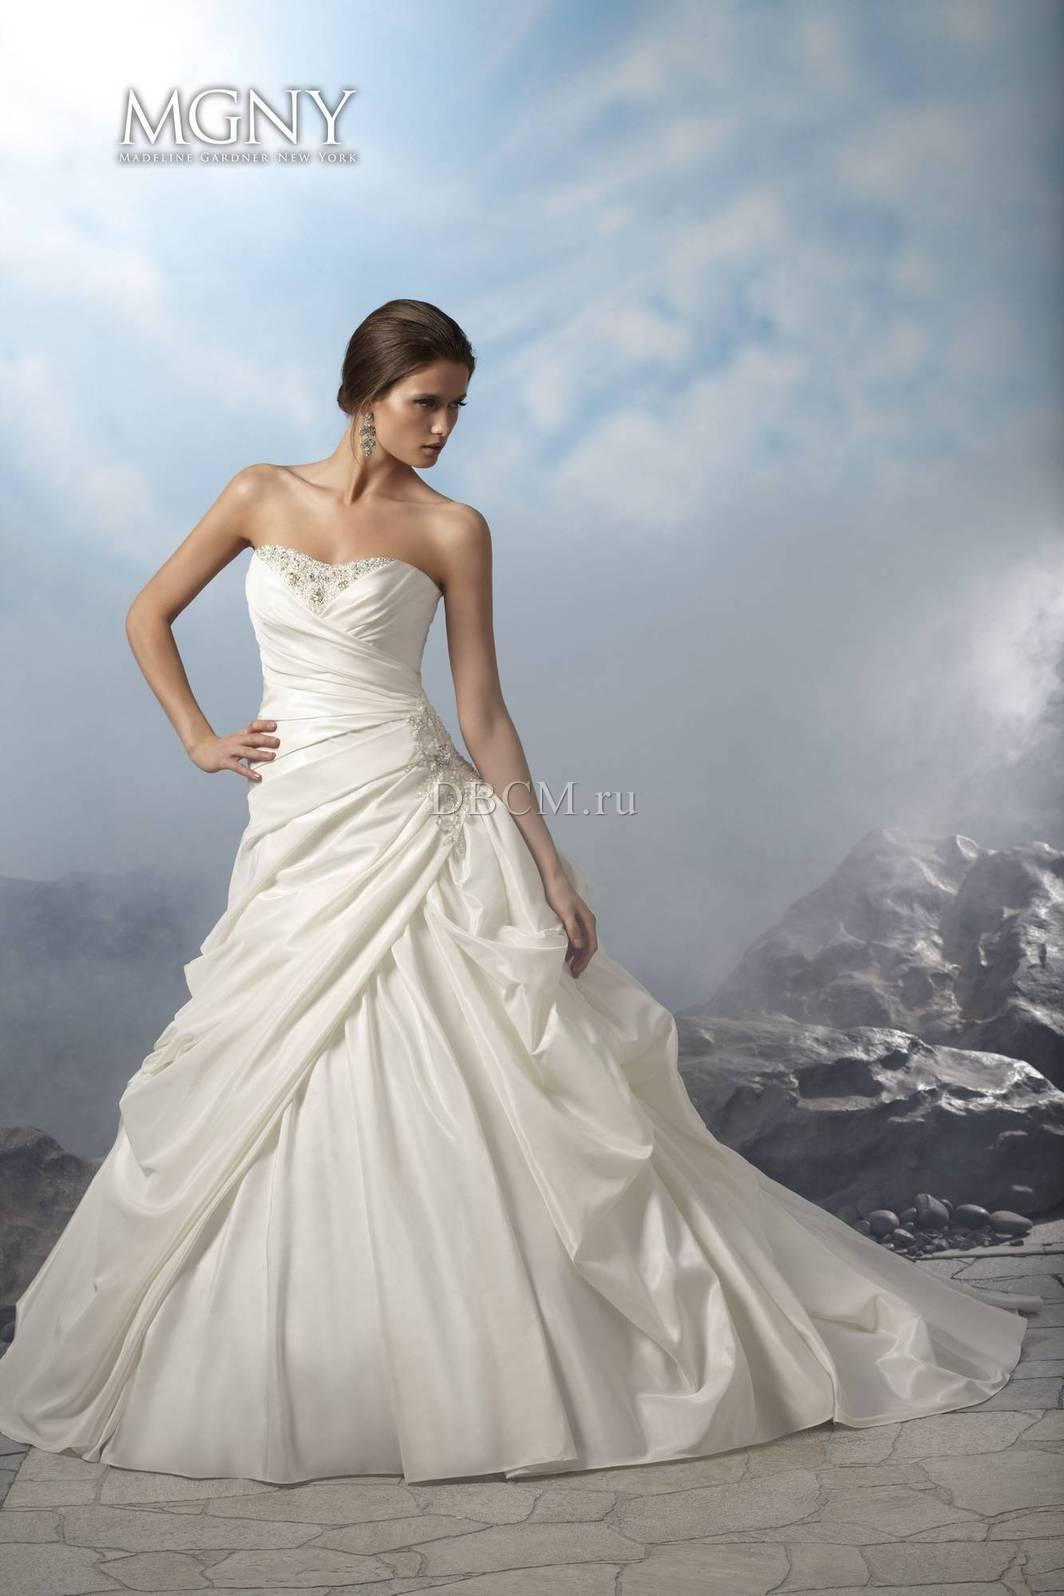 Садовод торговый центр салют свадебные платья и цены